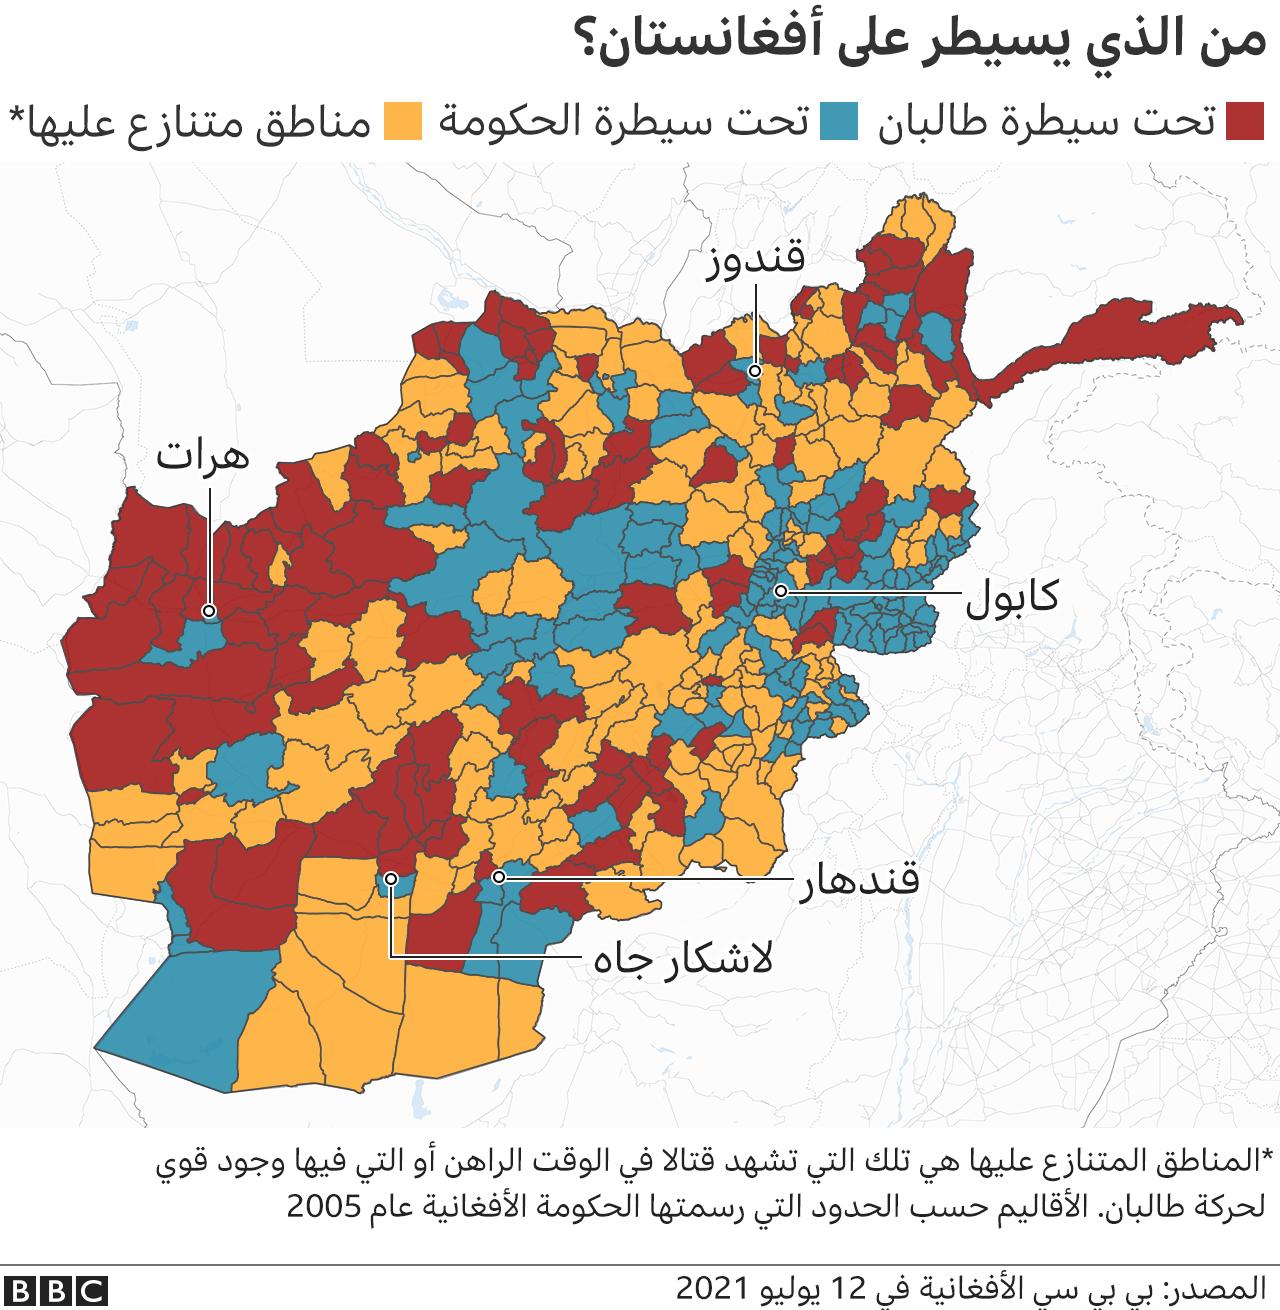 خارطة المناطق المتنازع عليها في أفغانستان.